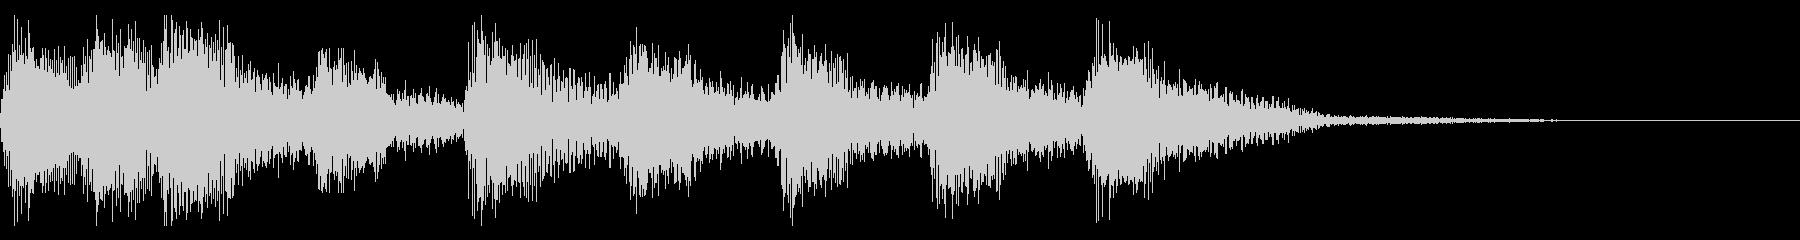 8bit レトロゲーム風 場面転換の未再生の波形